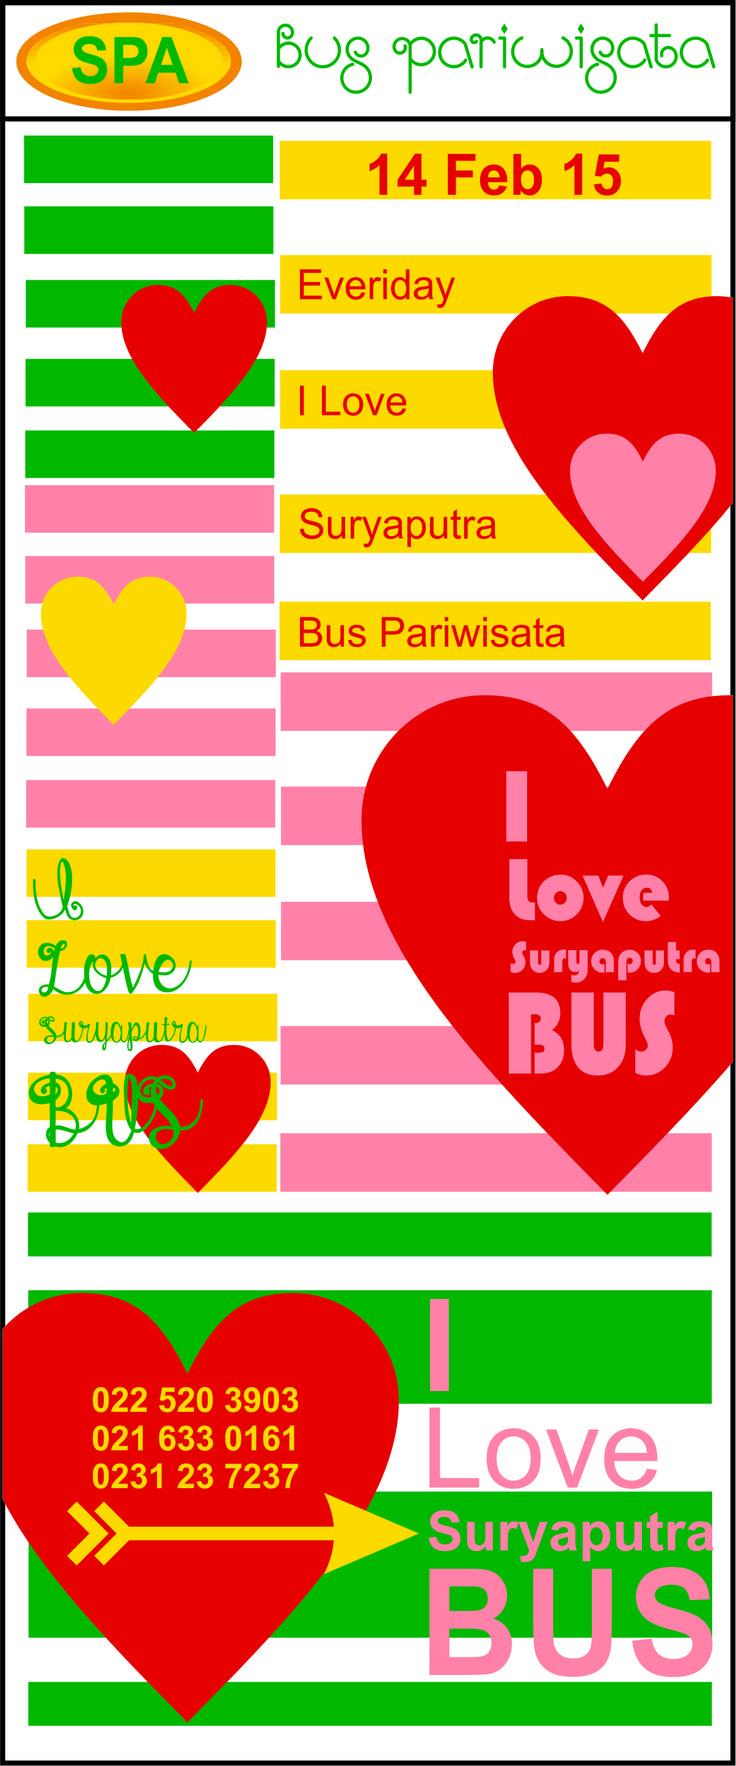 Bus Pariwisata Valentine 2015